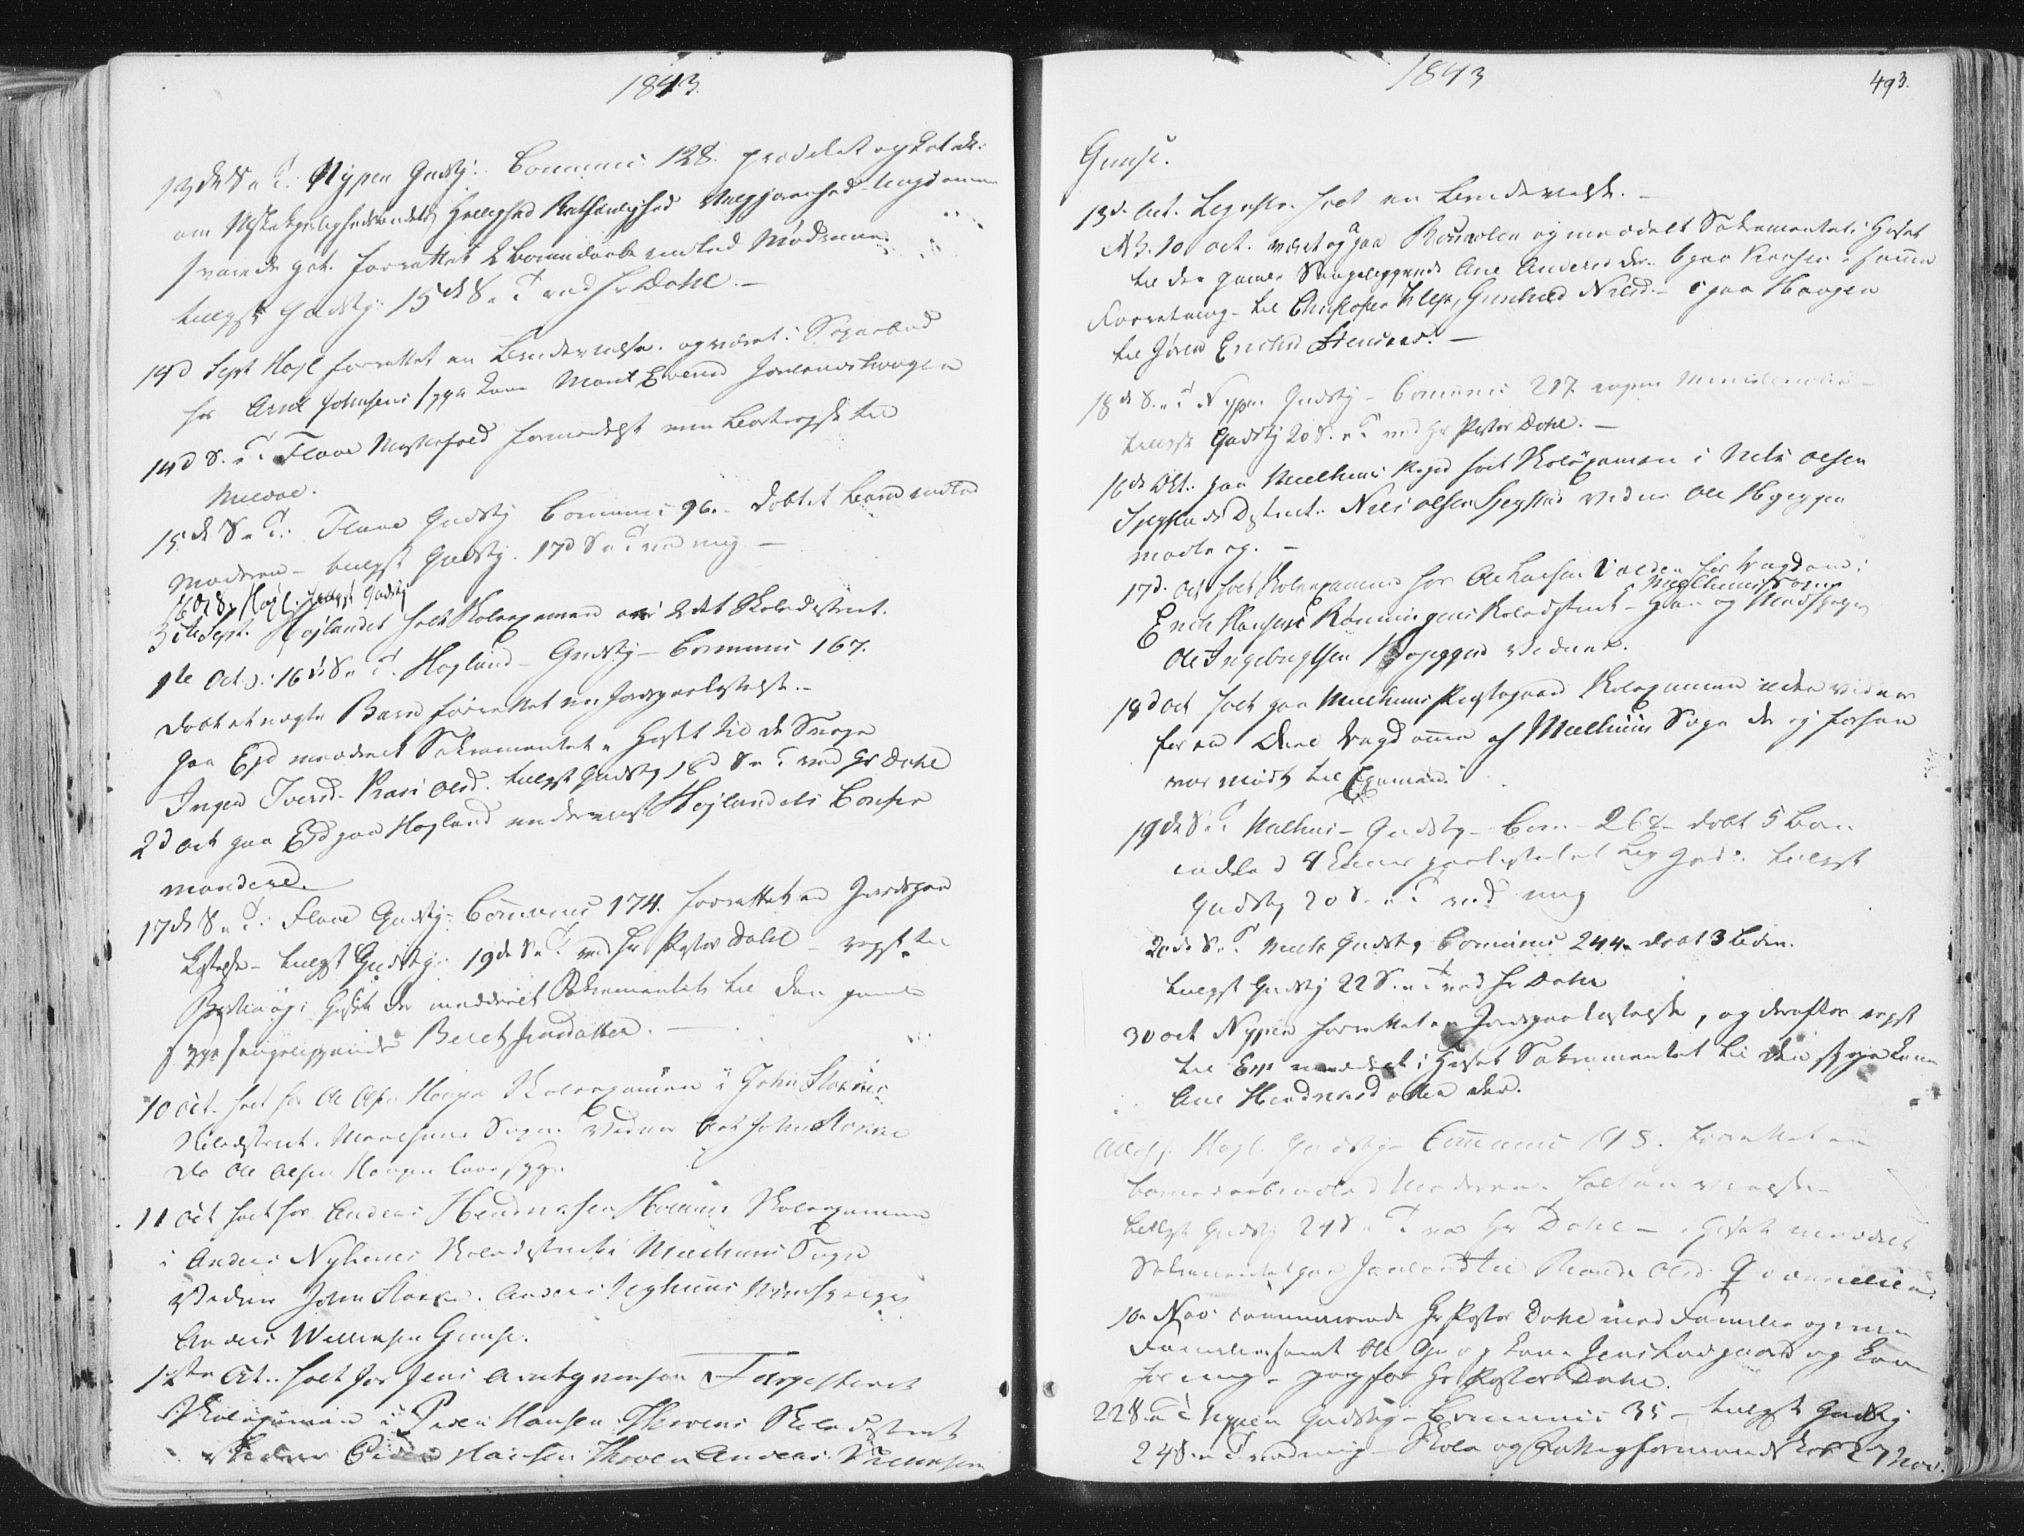 SAT, Ministerialprotokoller, klokkerbøker og fødselsregistre - Sør-Trøndelag, 691/L1074: Ministerialbok nr. 691A06, 1842-1852, s. 493